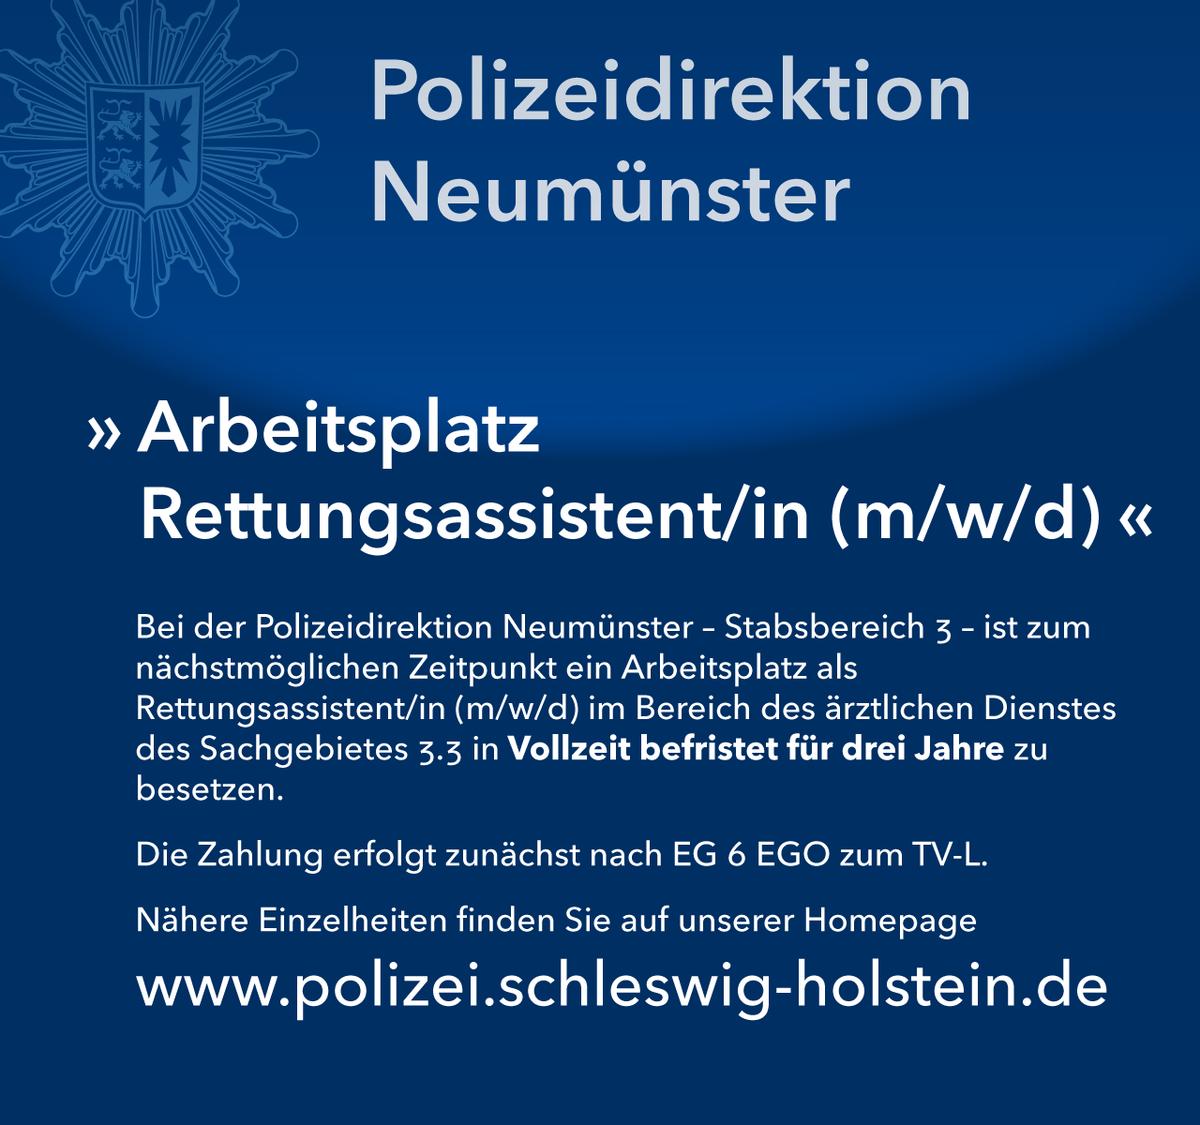 Polizei Schleswig Holstein Bewerbung Ausbildung